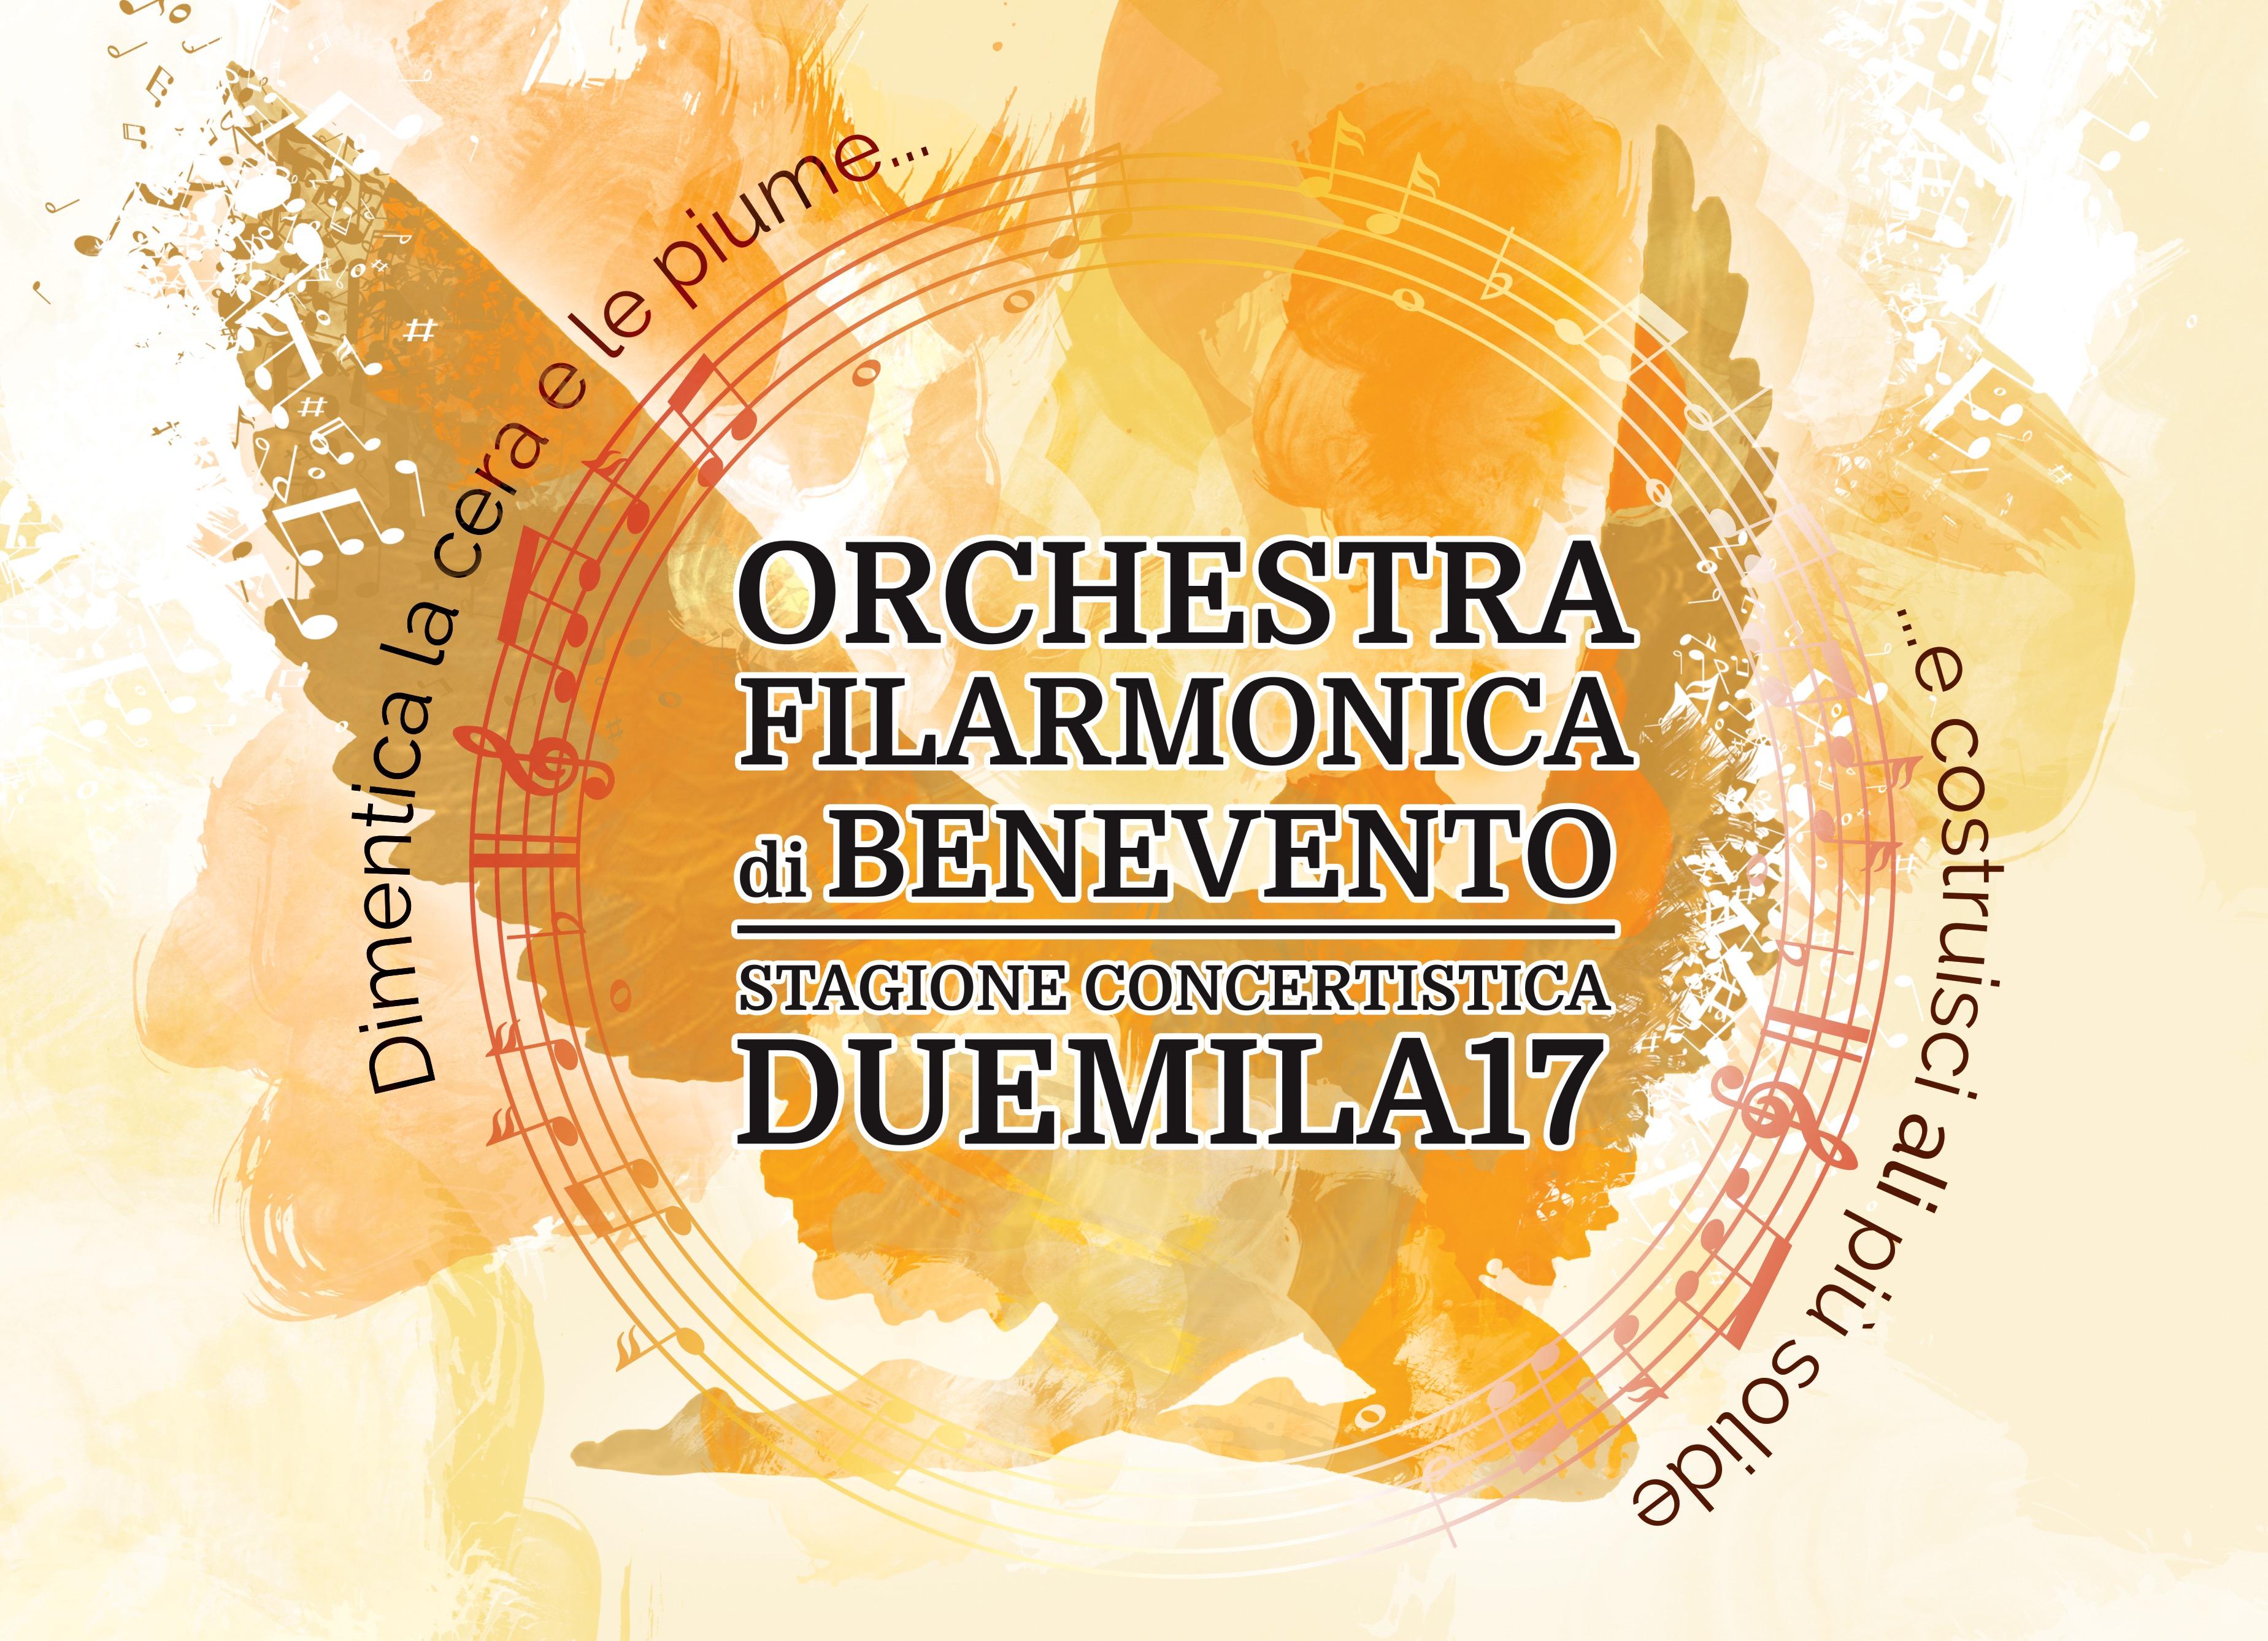 La Musica dell'Orchestra Filarmonica di Benevento diretta da Luigi Piovano per la Giornata della Memoria